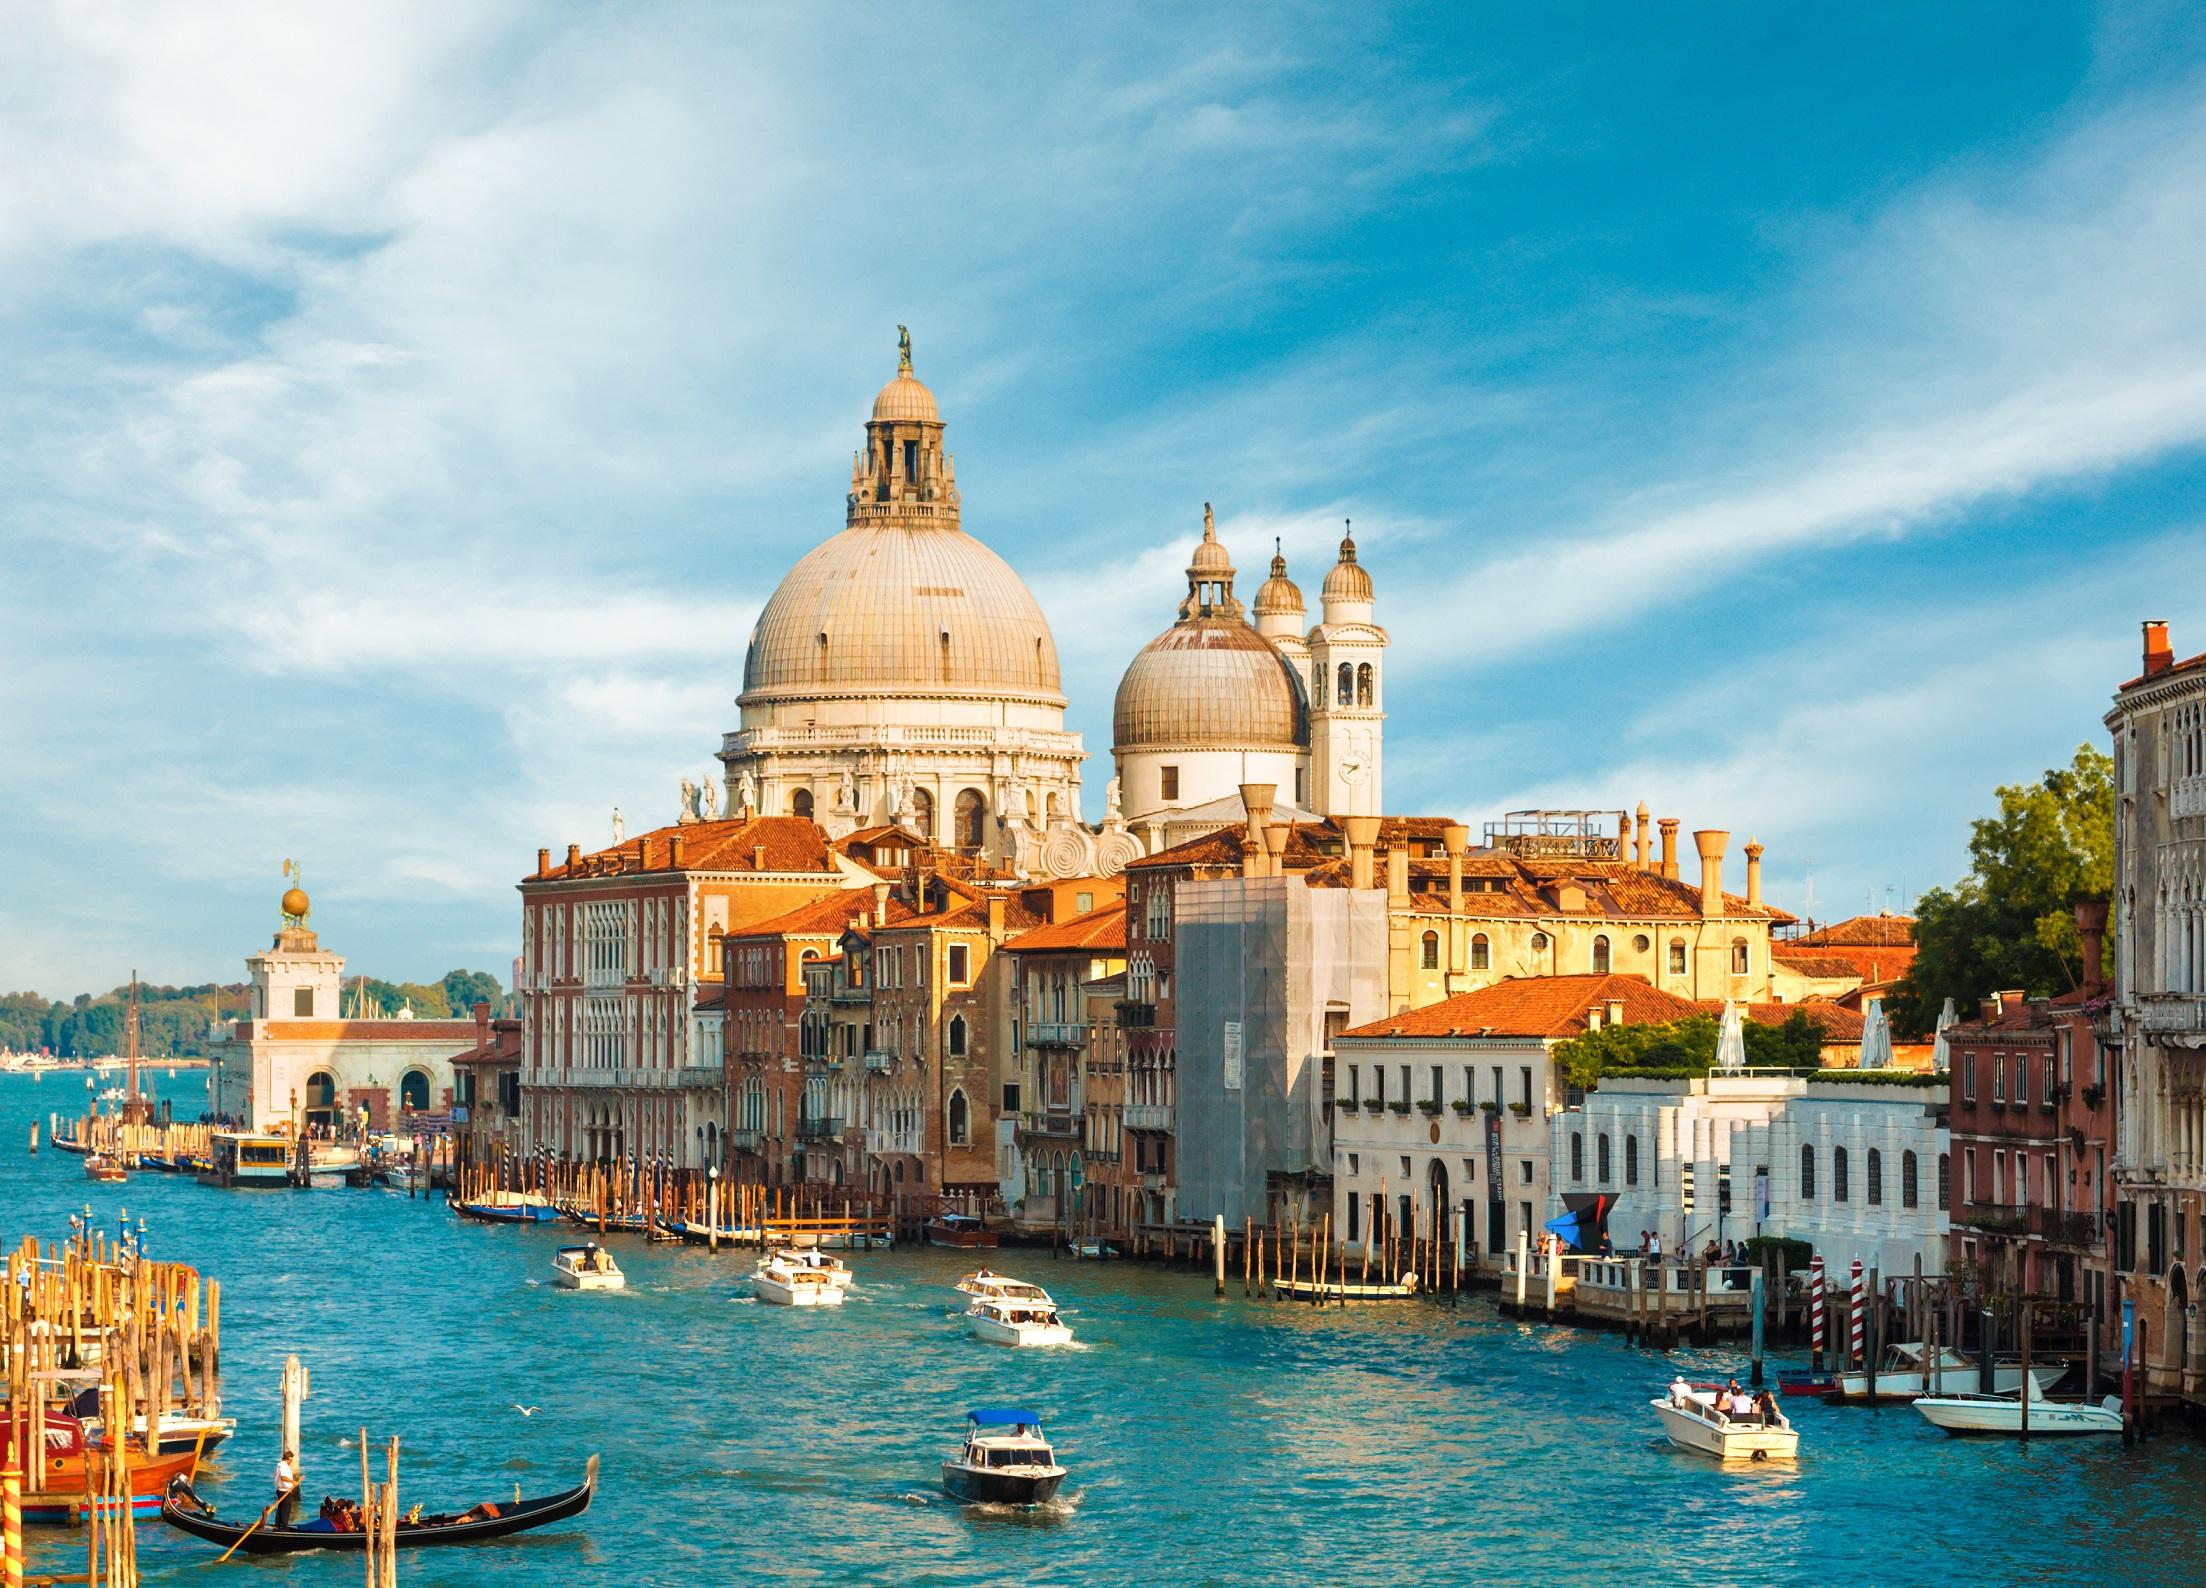 Silver Cloud, Van Venetië naar Napels